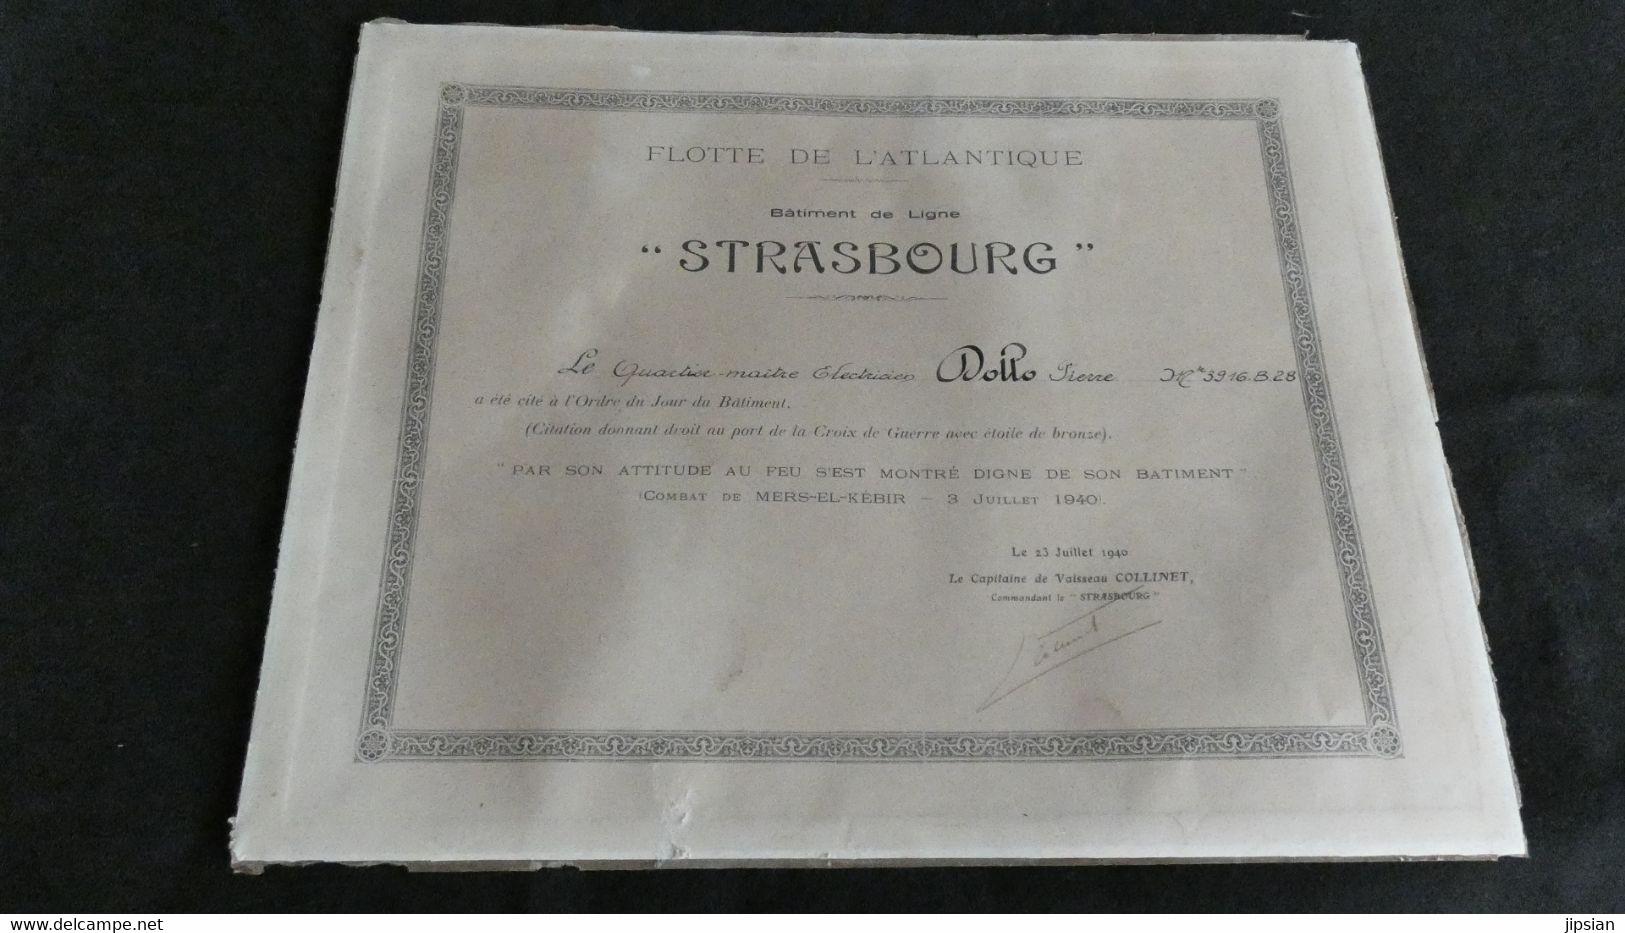 Citation Quartier Maître à Bord Bâtiment De Ligne Strasbourg Flotte De L' Atlantique Combat Mers El Kébir En1940 KX - Historical Documents